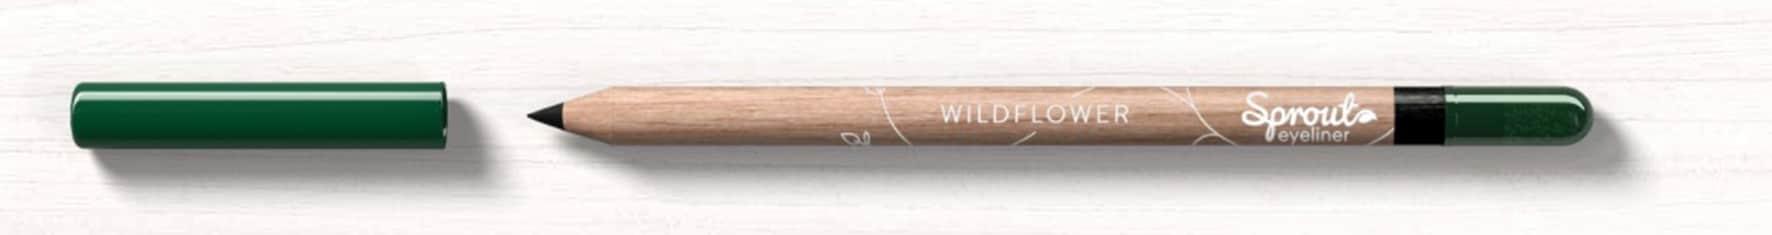 SPROUT EYELINER Matita per gli occhi, con legno che può essere ripiantato quando la parte makeup è esaurita. Da qui cresceranno fiori selvatici adatti alle api (12.95 €).